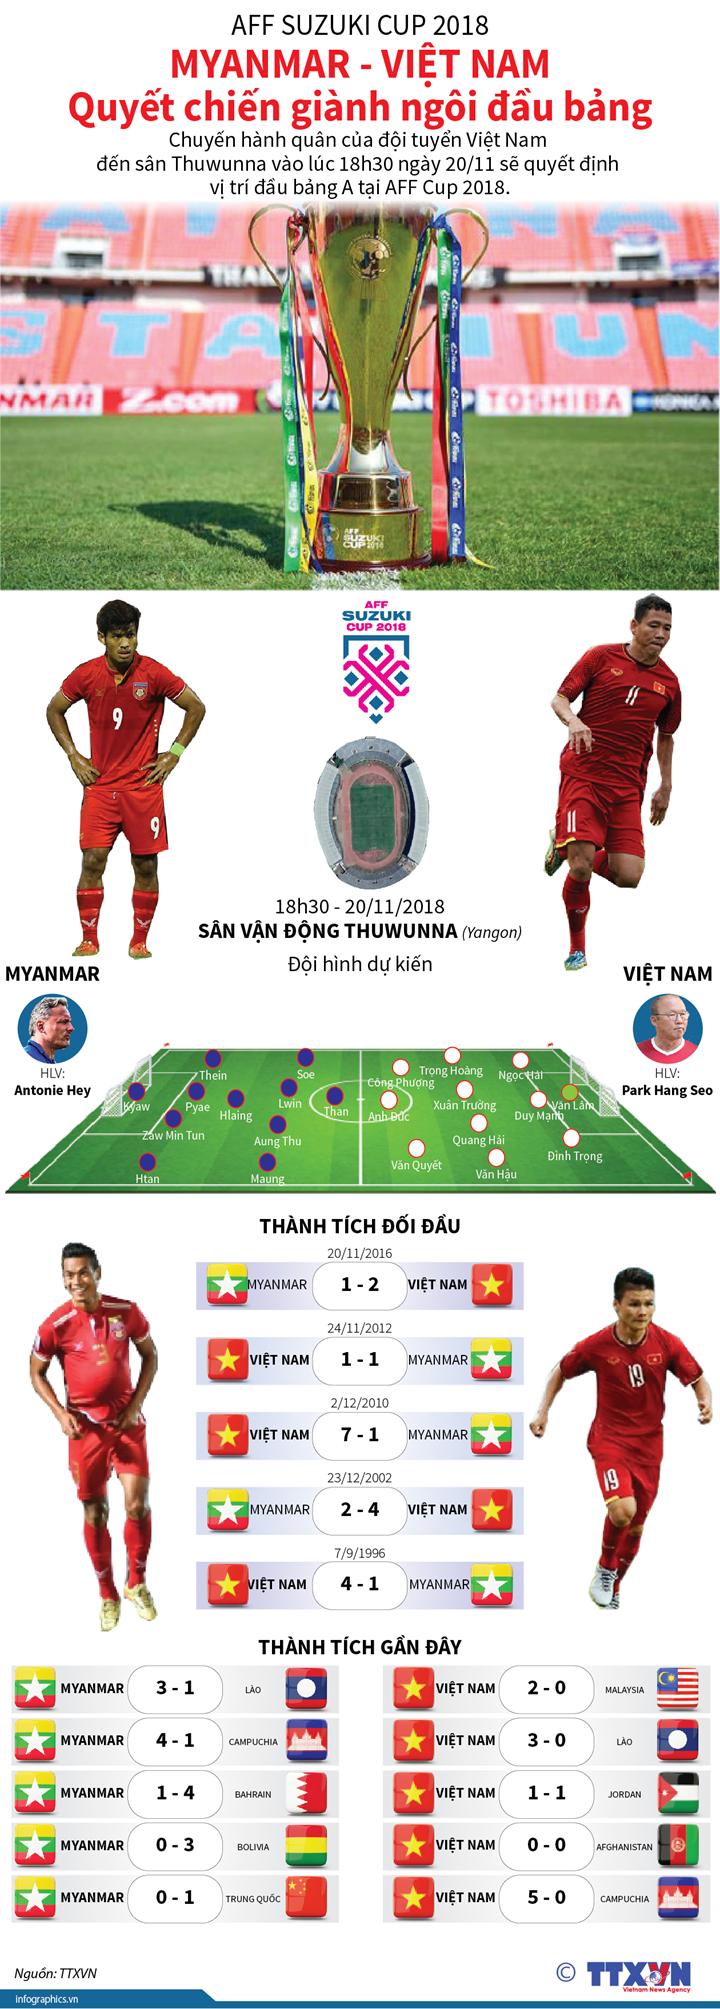 Việt Nam - Myanmar: Quyết chiến giành ngôi đầu bảng